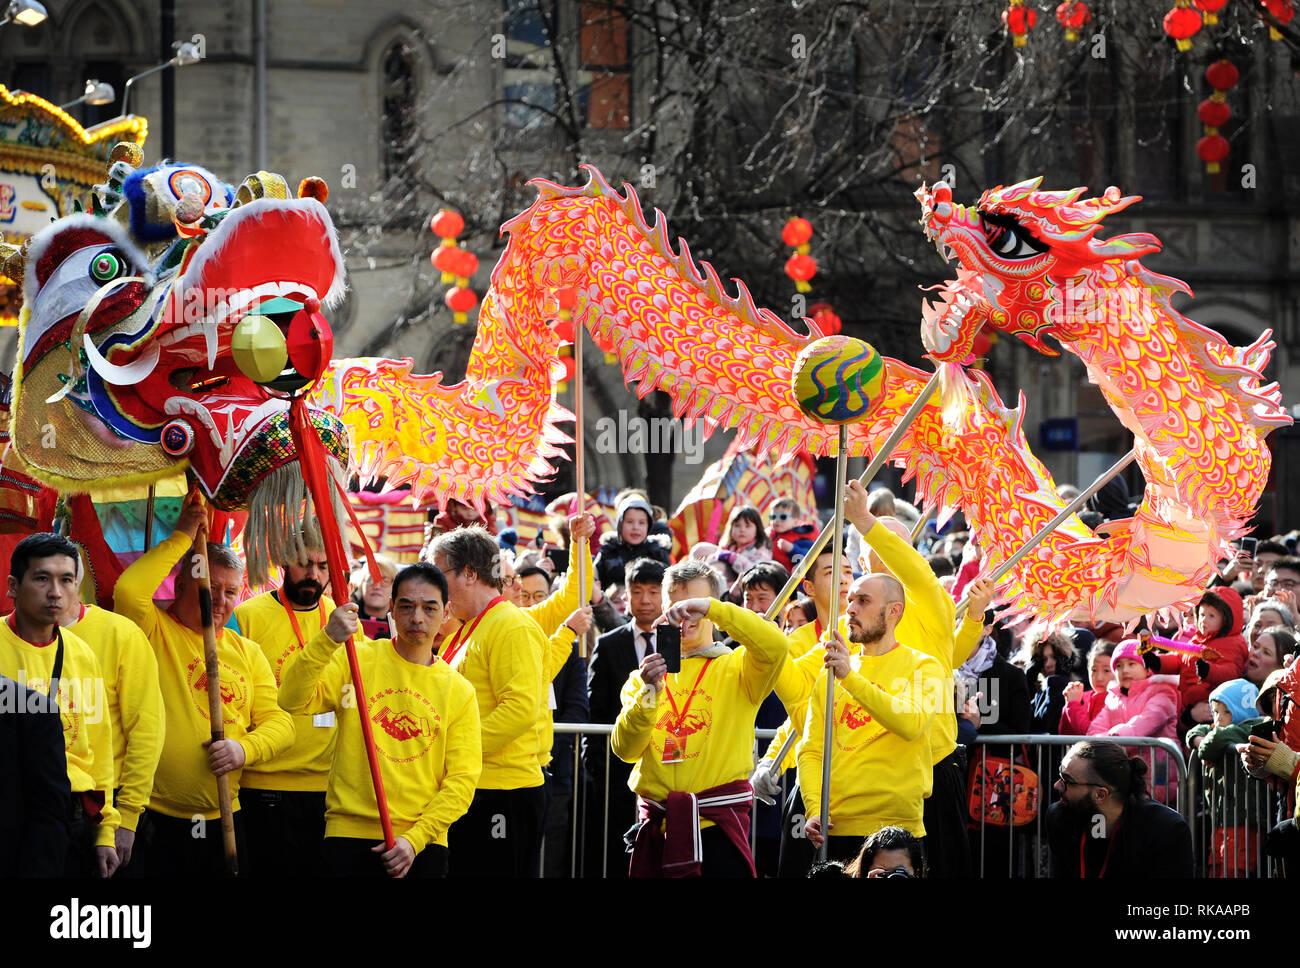 Manchester, Großbritannien. 10. Feb 2019. Die jährlichen Dragon Parade durch die Straßen von Manchester, UK, zum Chinesischen Neuen Jahr des Schweins zu feiern. Die Drachen von Albert Square. Bild von Paul Heyes, Sonntag, 10. Februar 2019. Credit: Paul Heyes/Alamy leben Nachrichten Stockbild